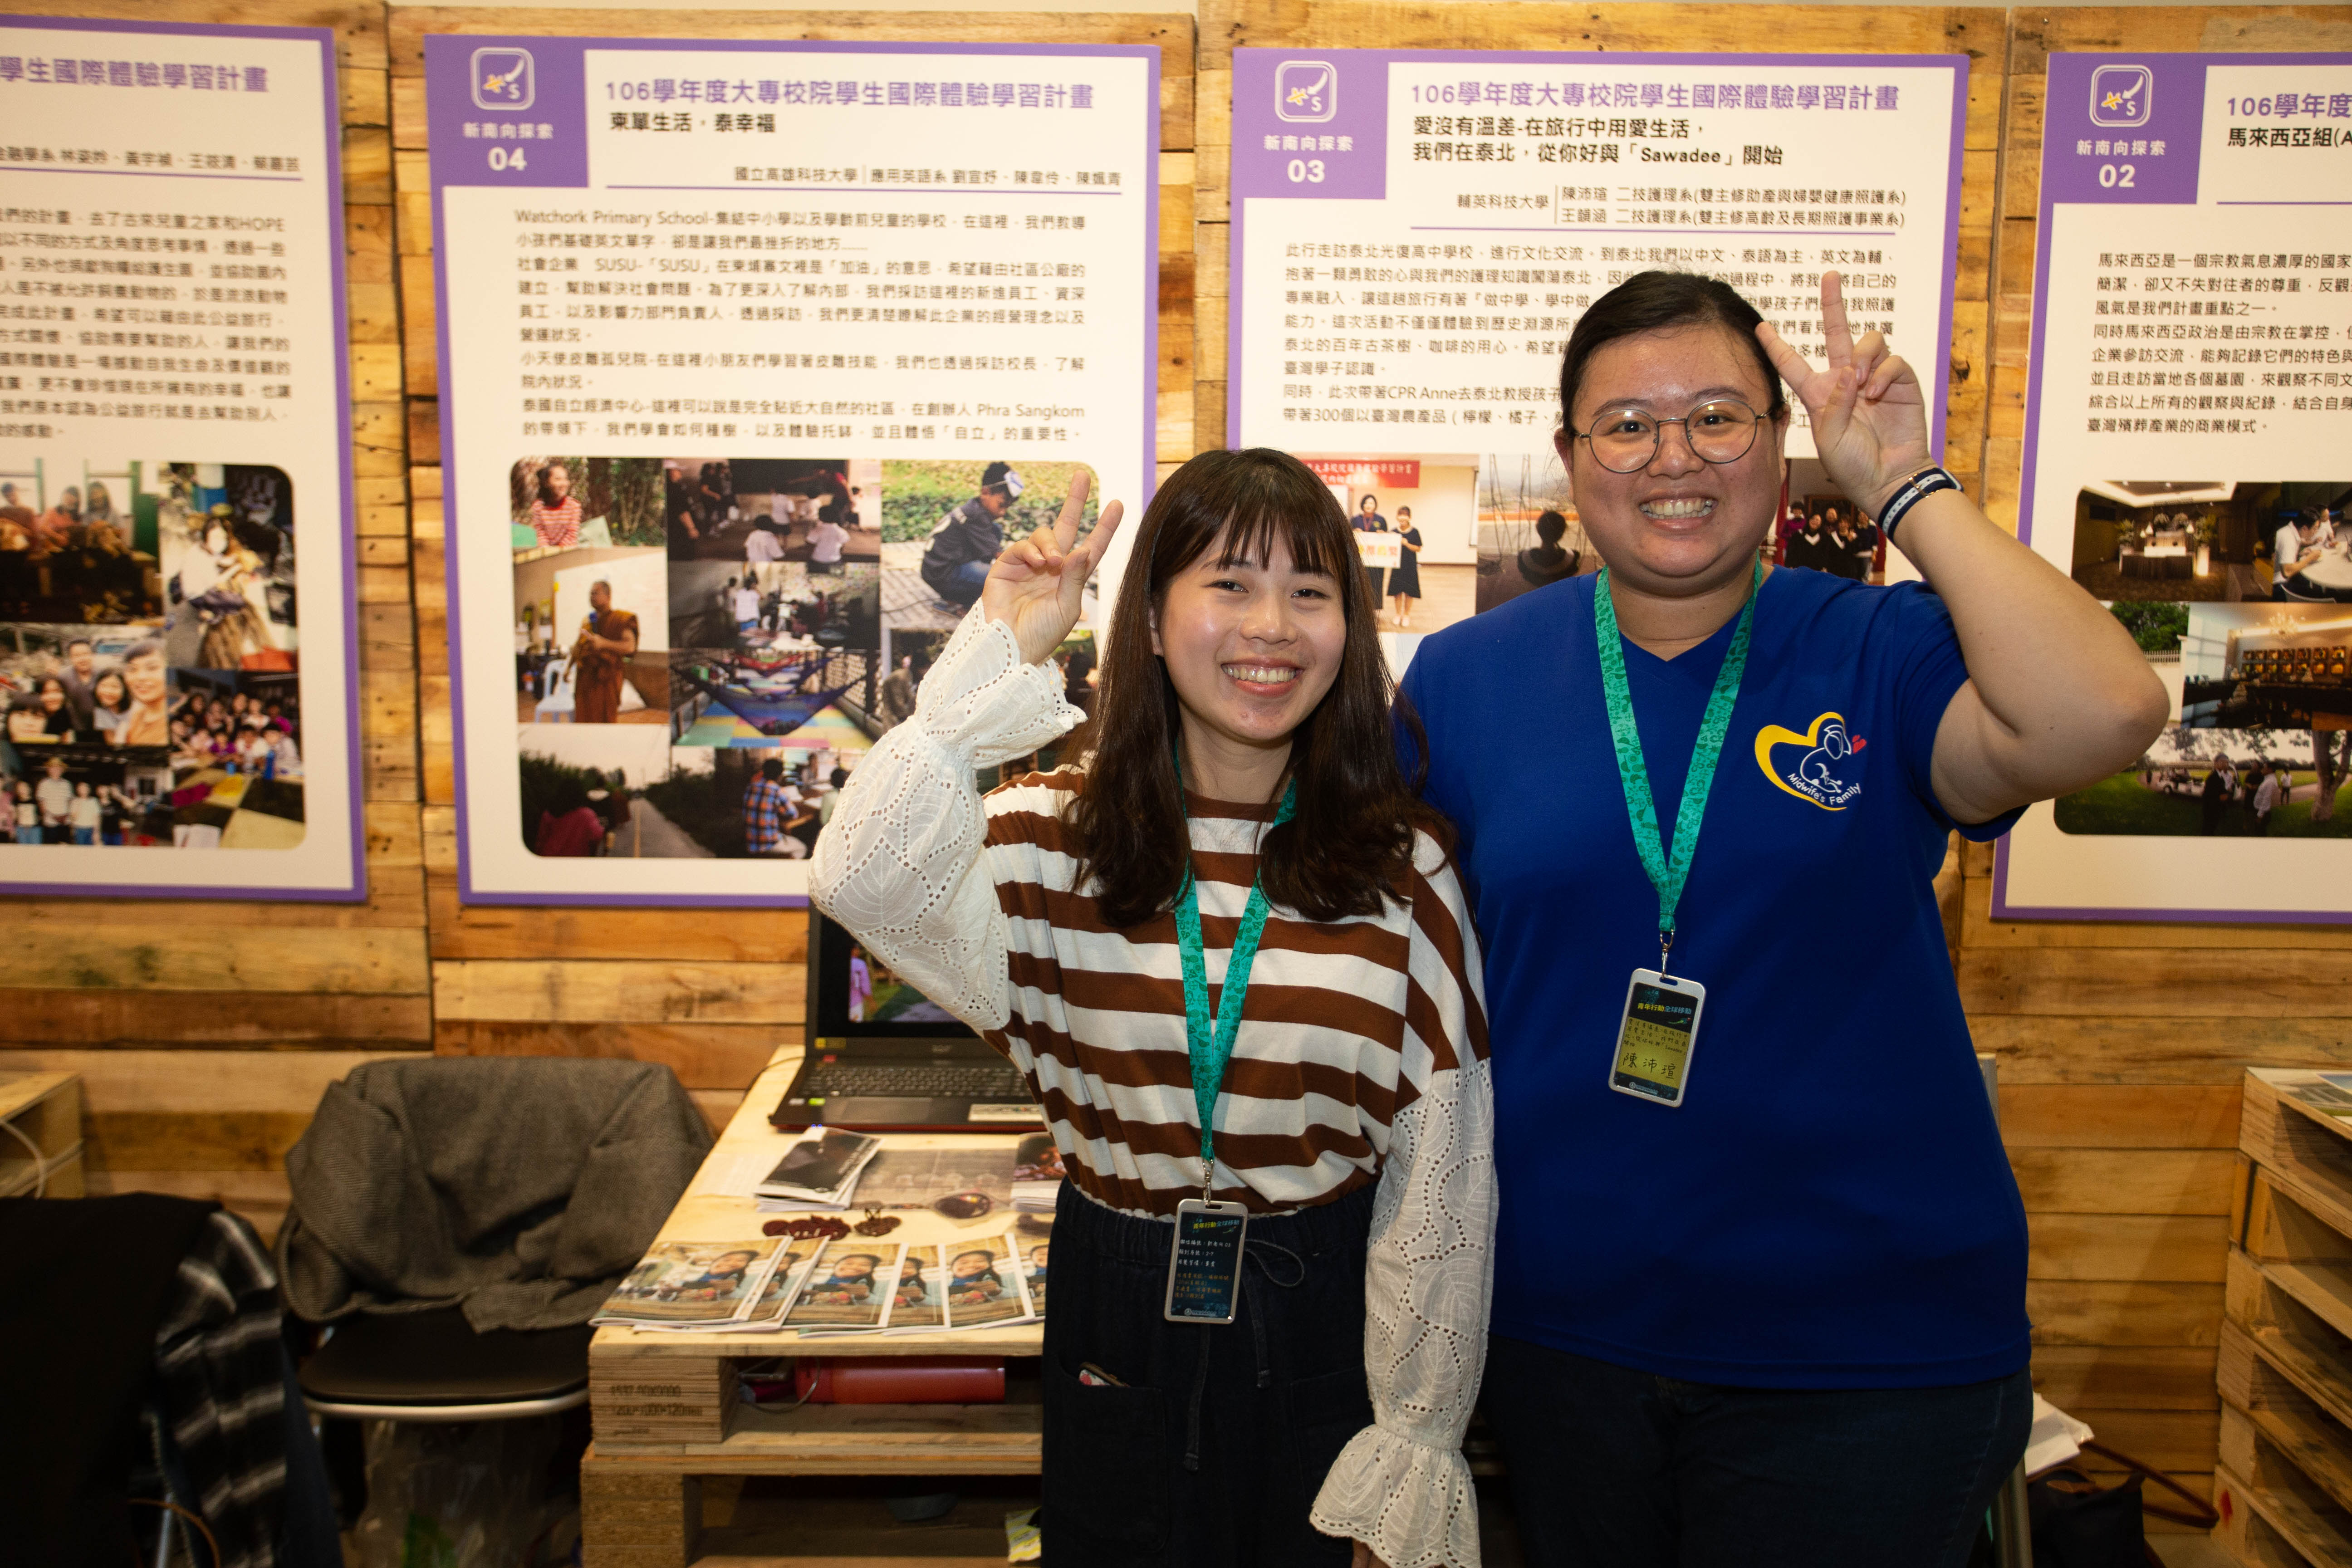 輔英科技大學學生以「愛沒有溫差,在旅行中用愛生活」計畫獲得優勝獎